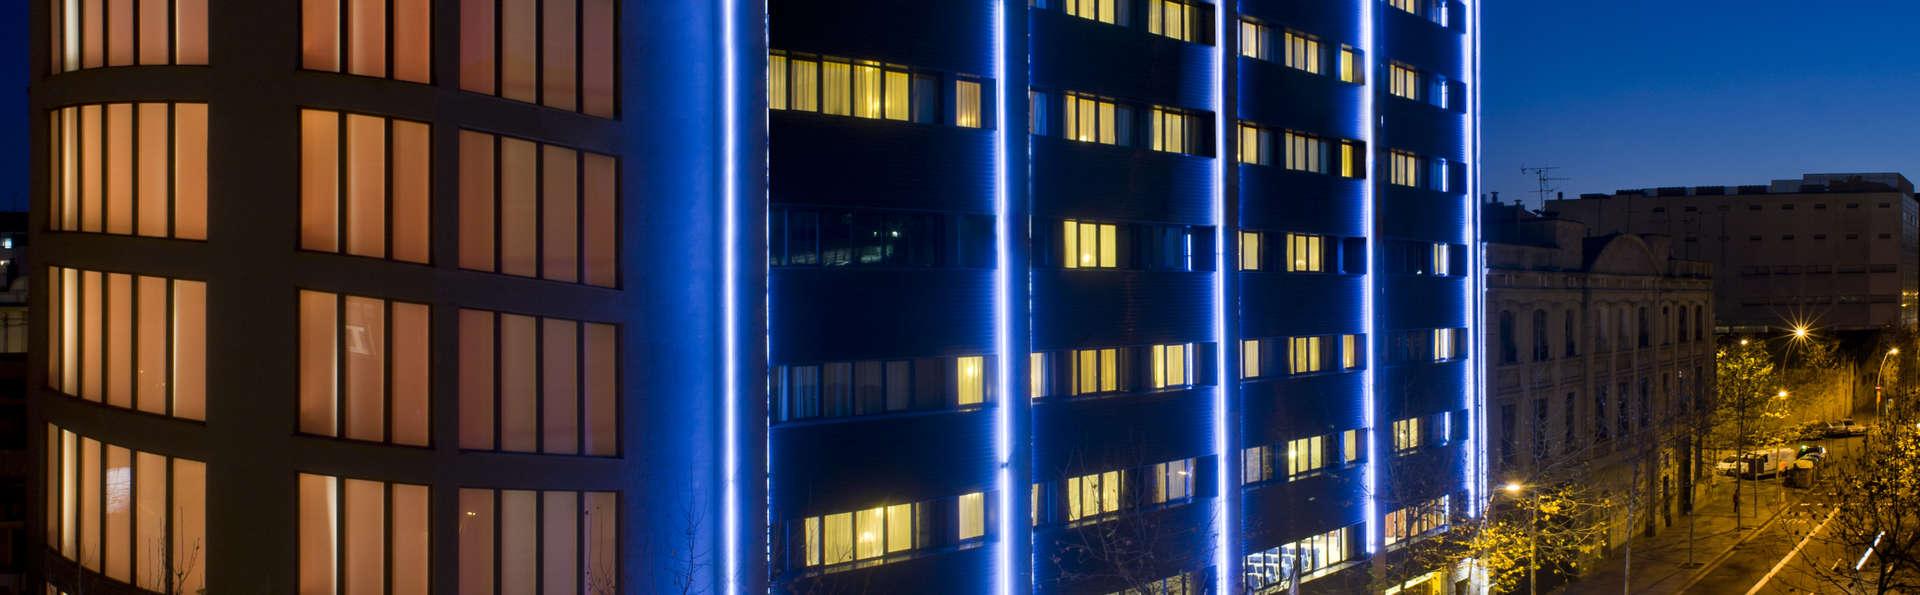 Sall s hotel pere iv h tel de charme barcelone - Hotel de charme barcelone ...